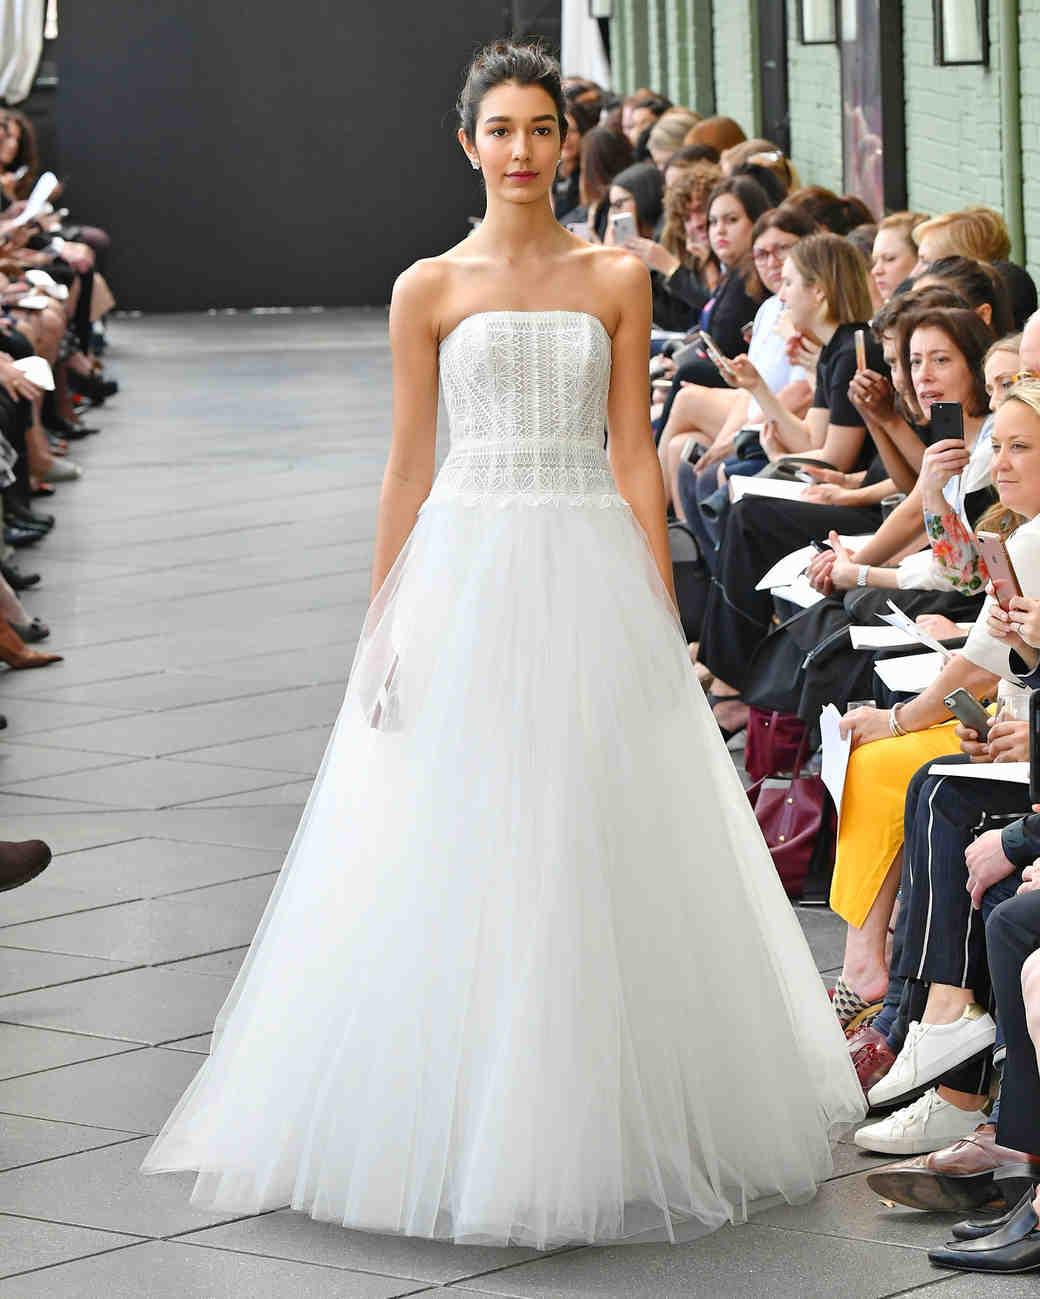 nouvelle amsale wedding dress spring 2019 strapless patterned a-line